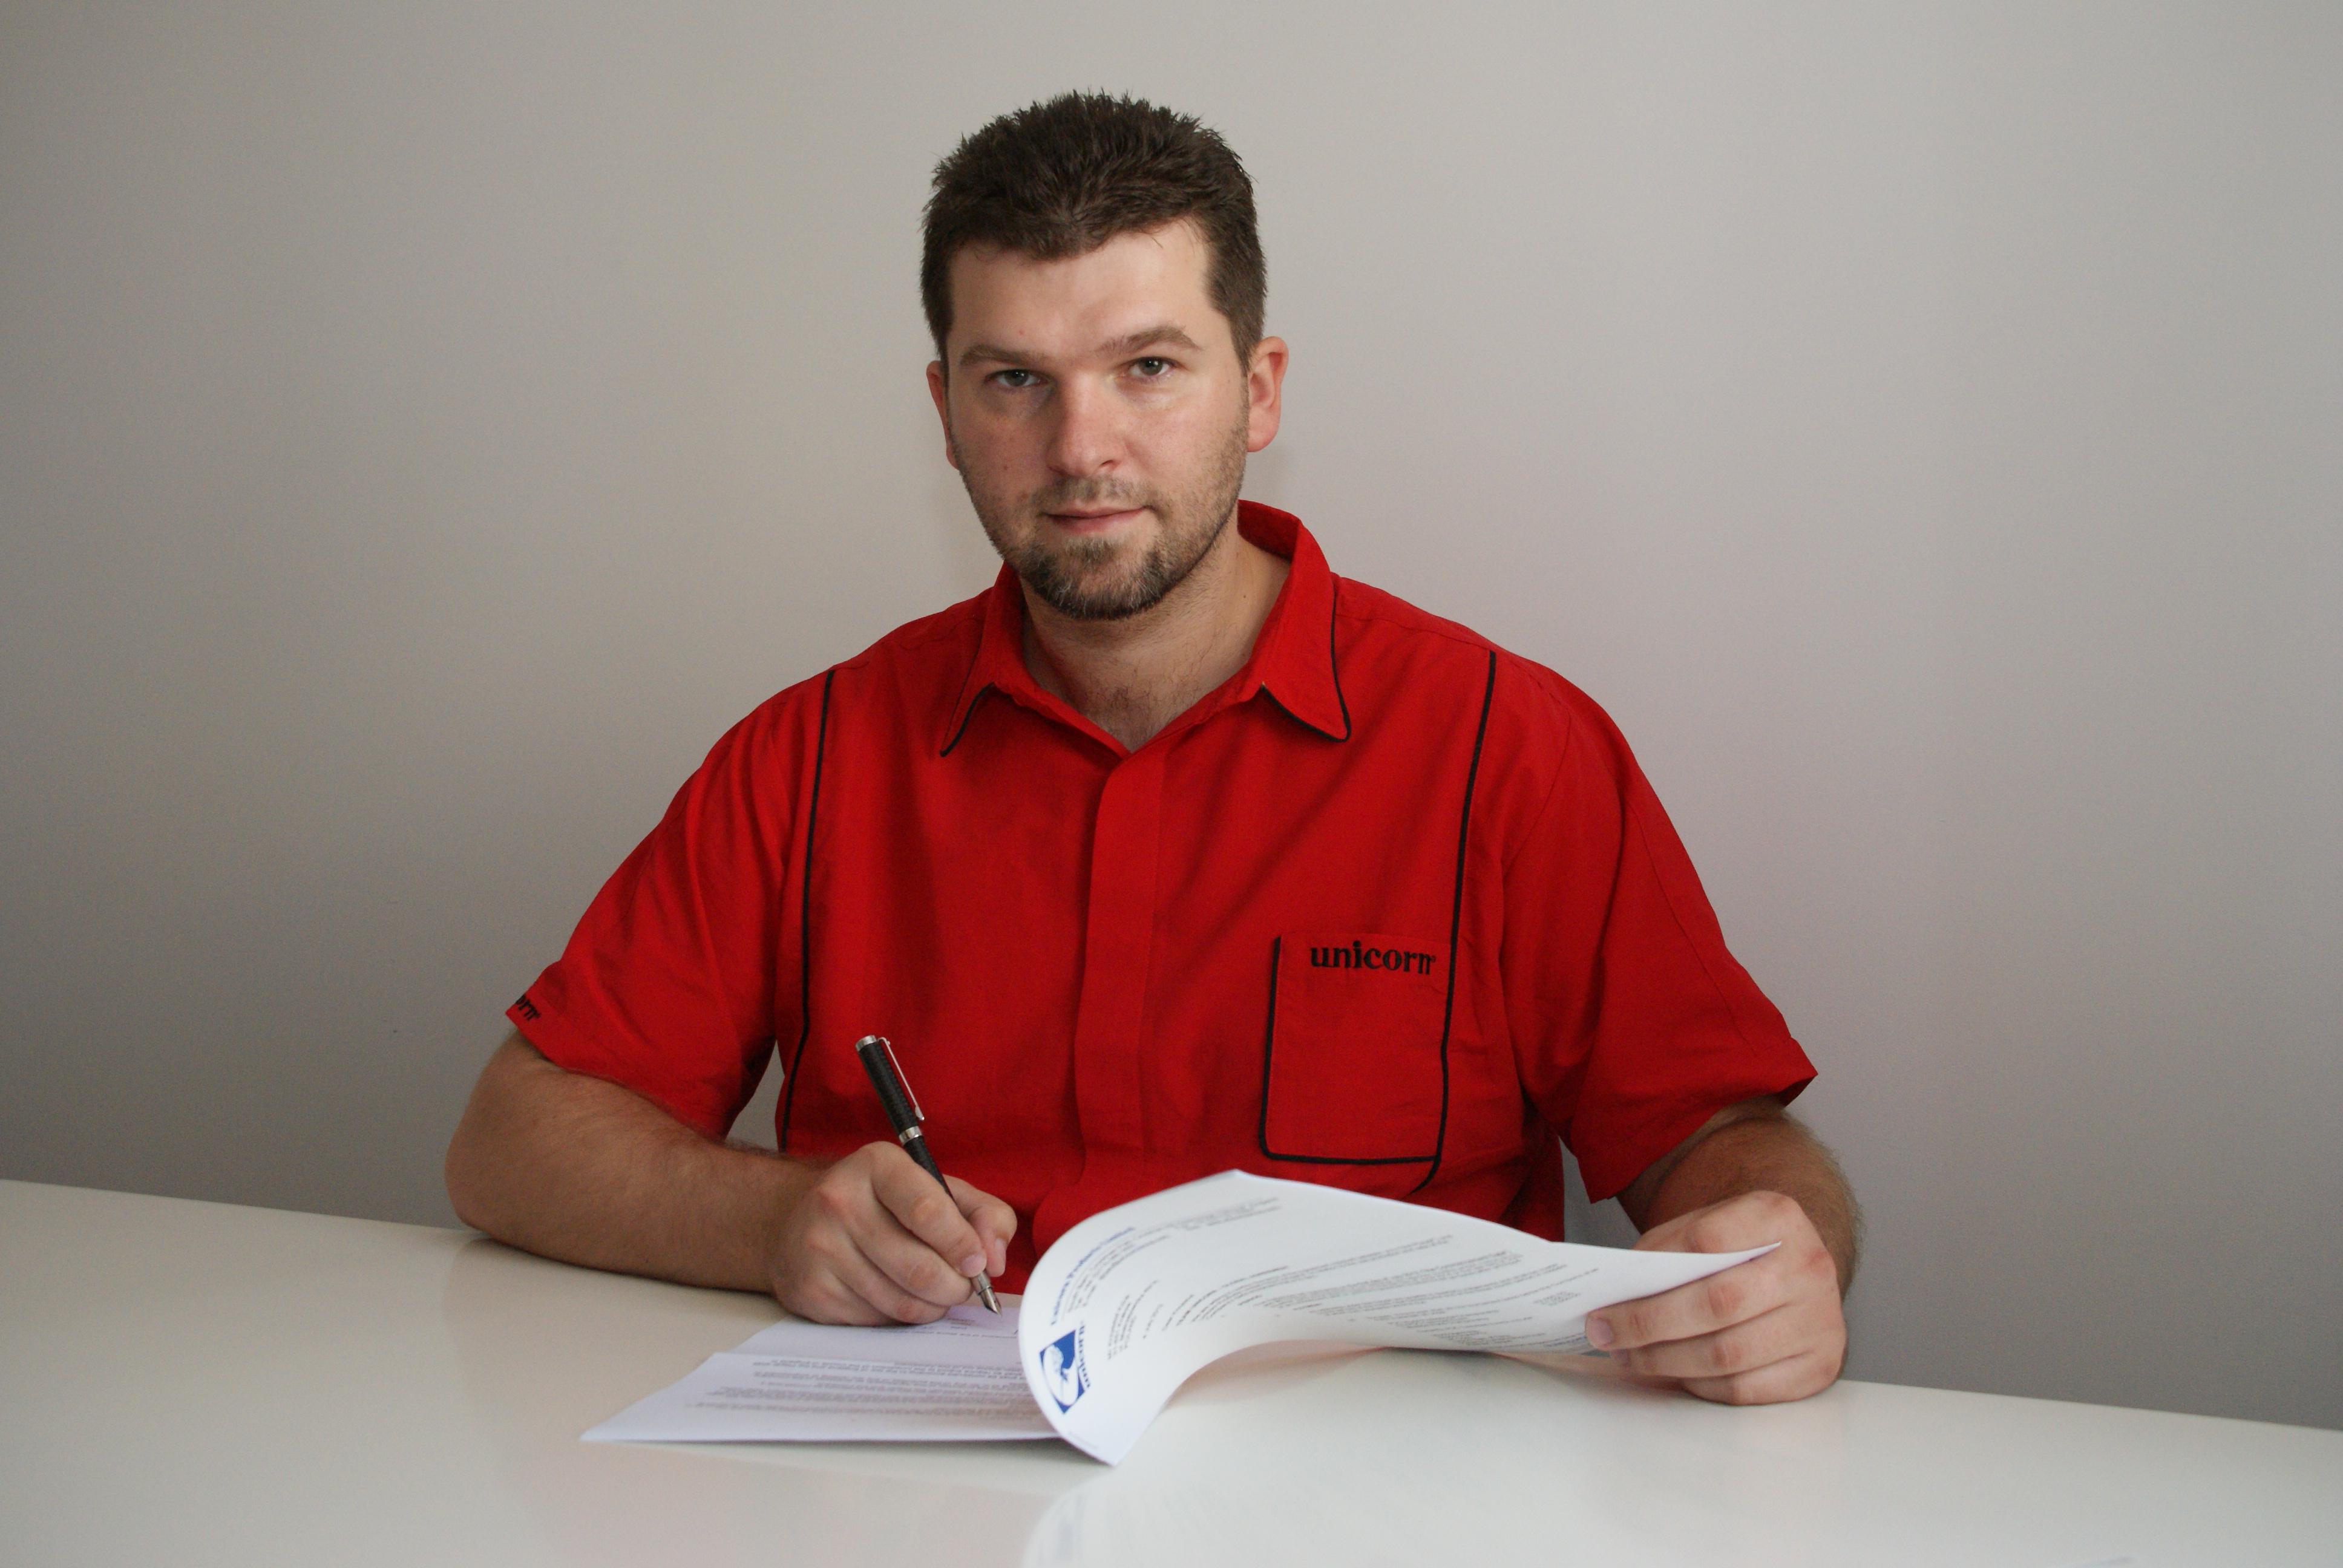 Z prawdziwą przyjemnością ogłaszam, że Krzysztof Kciuk został wybrany spośród polskich graczy przez firmę Unicorn i wstępuje do grona zawodników sponsorowanych przez wiodącą firmę darterską na świecie.